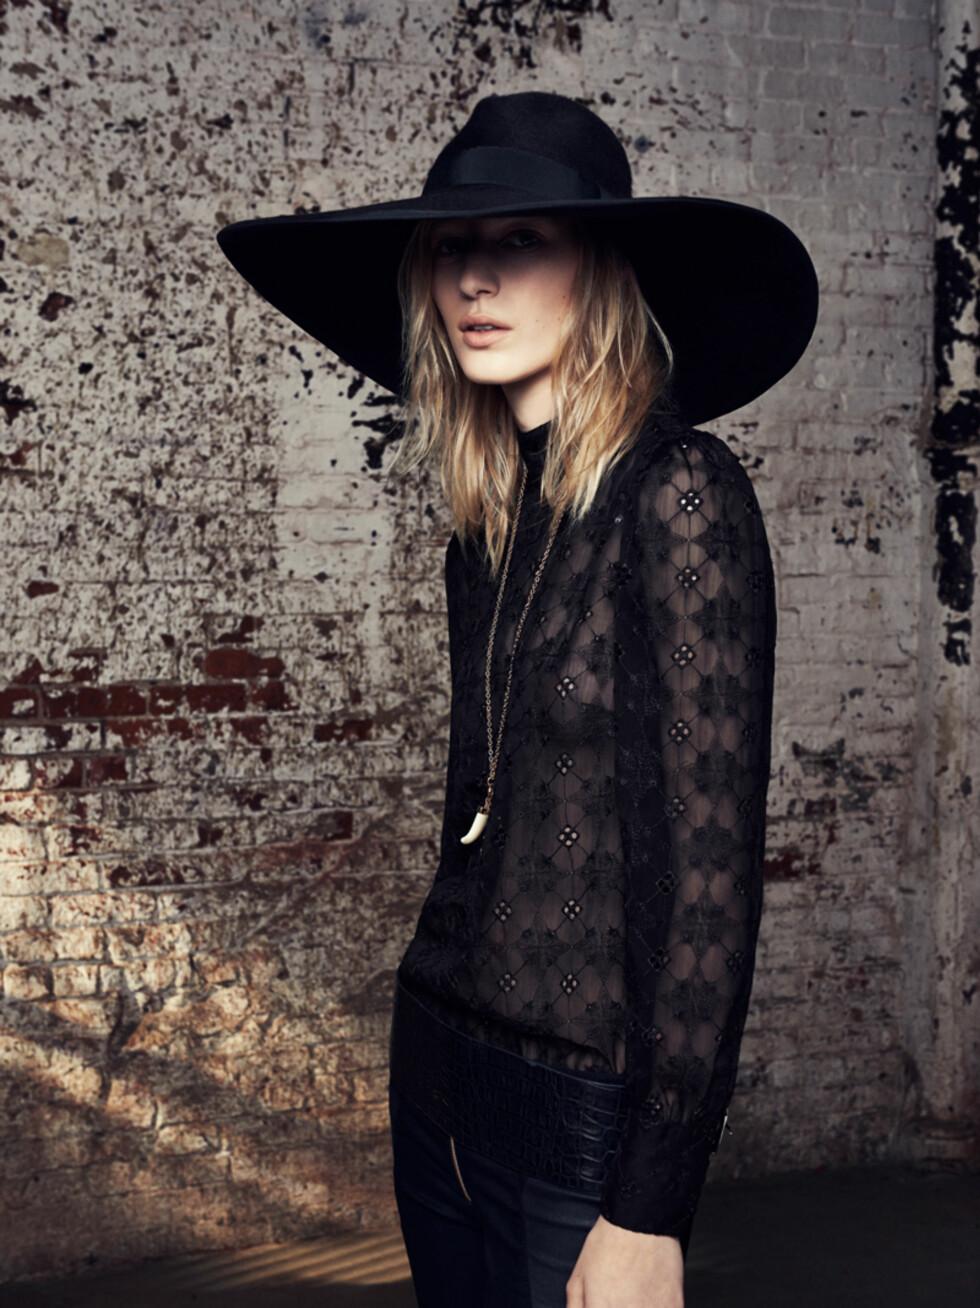 Sjekk ut Mary-Kate og Ashley Olsens kolleksjon for Bik Bok - Bildeserie 1